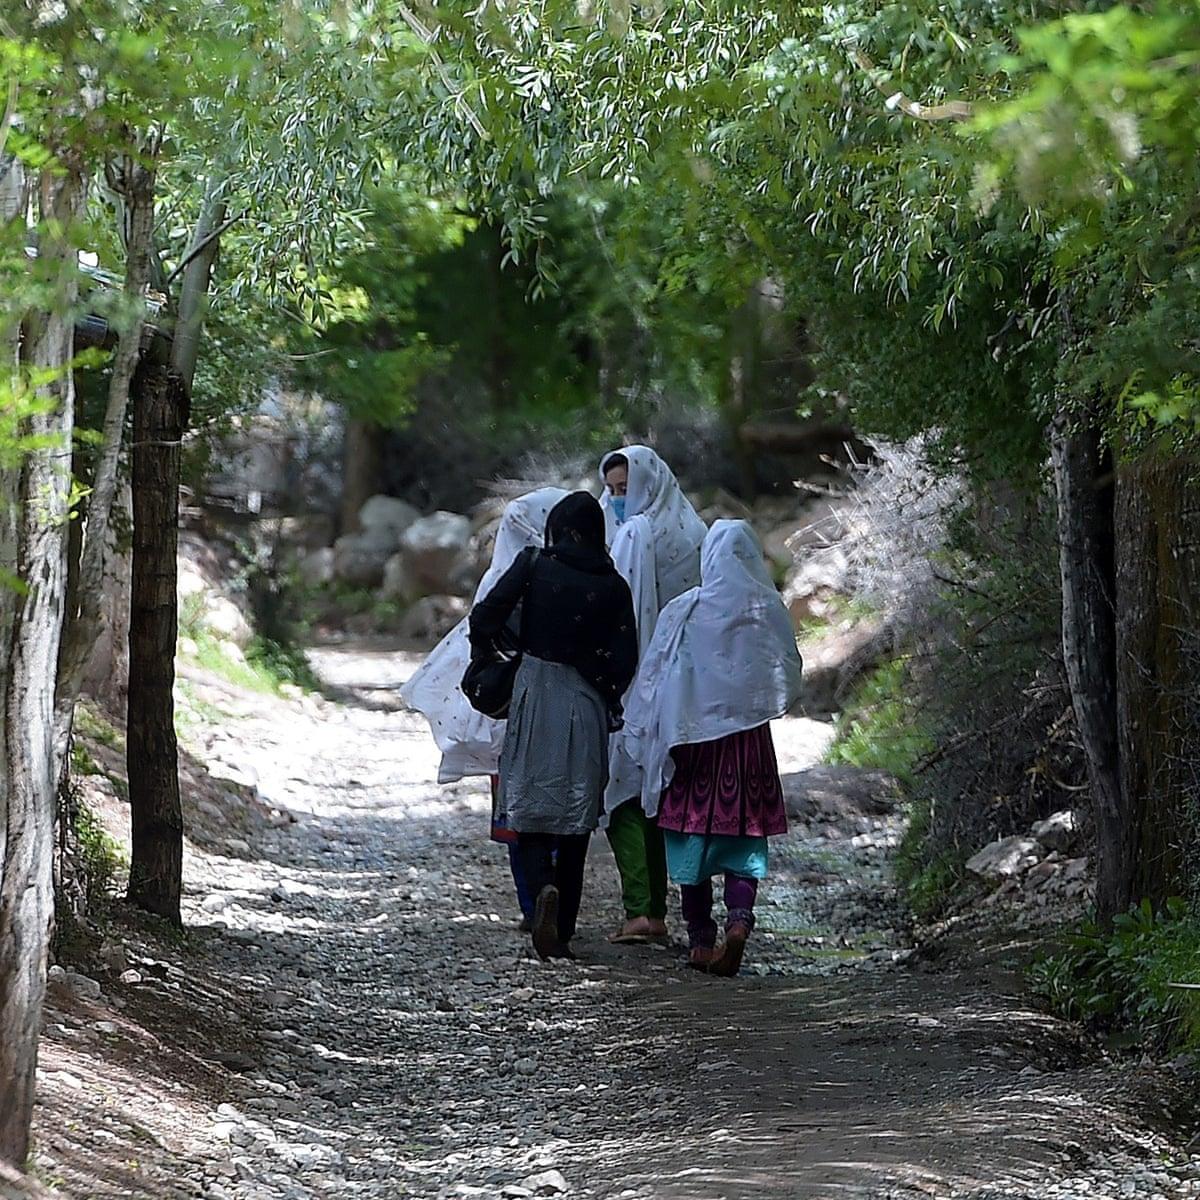 Honour killings in North Waziristan